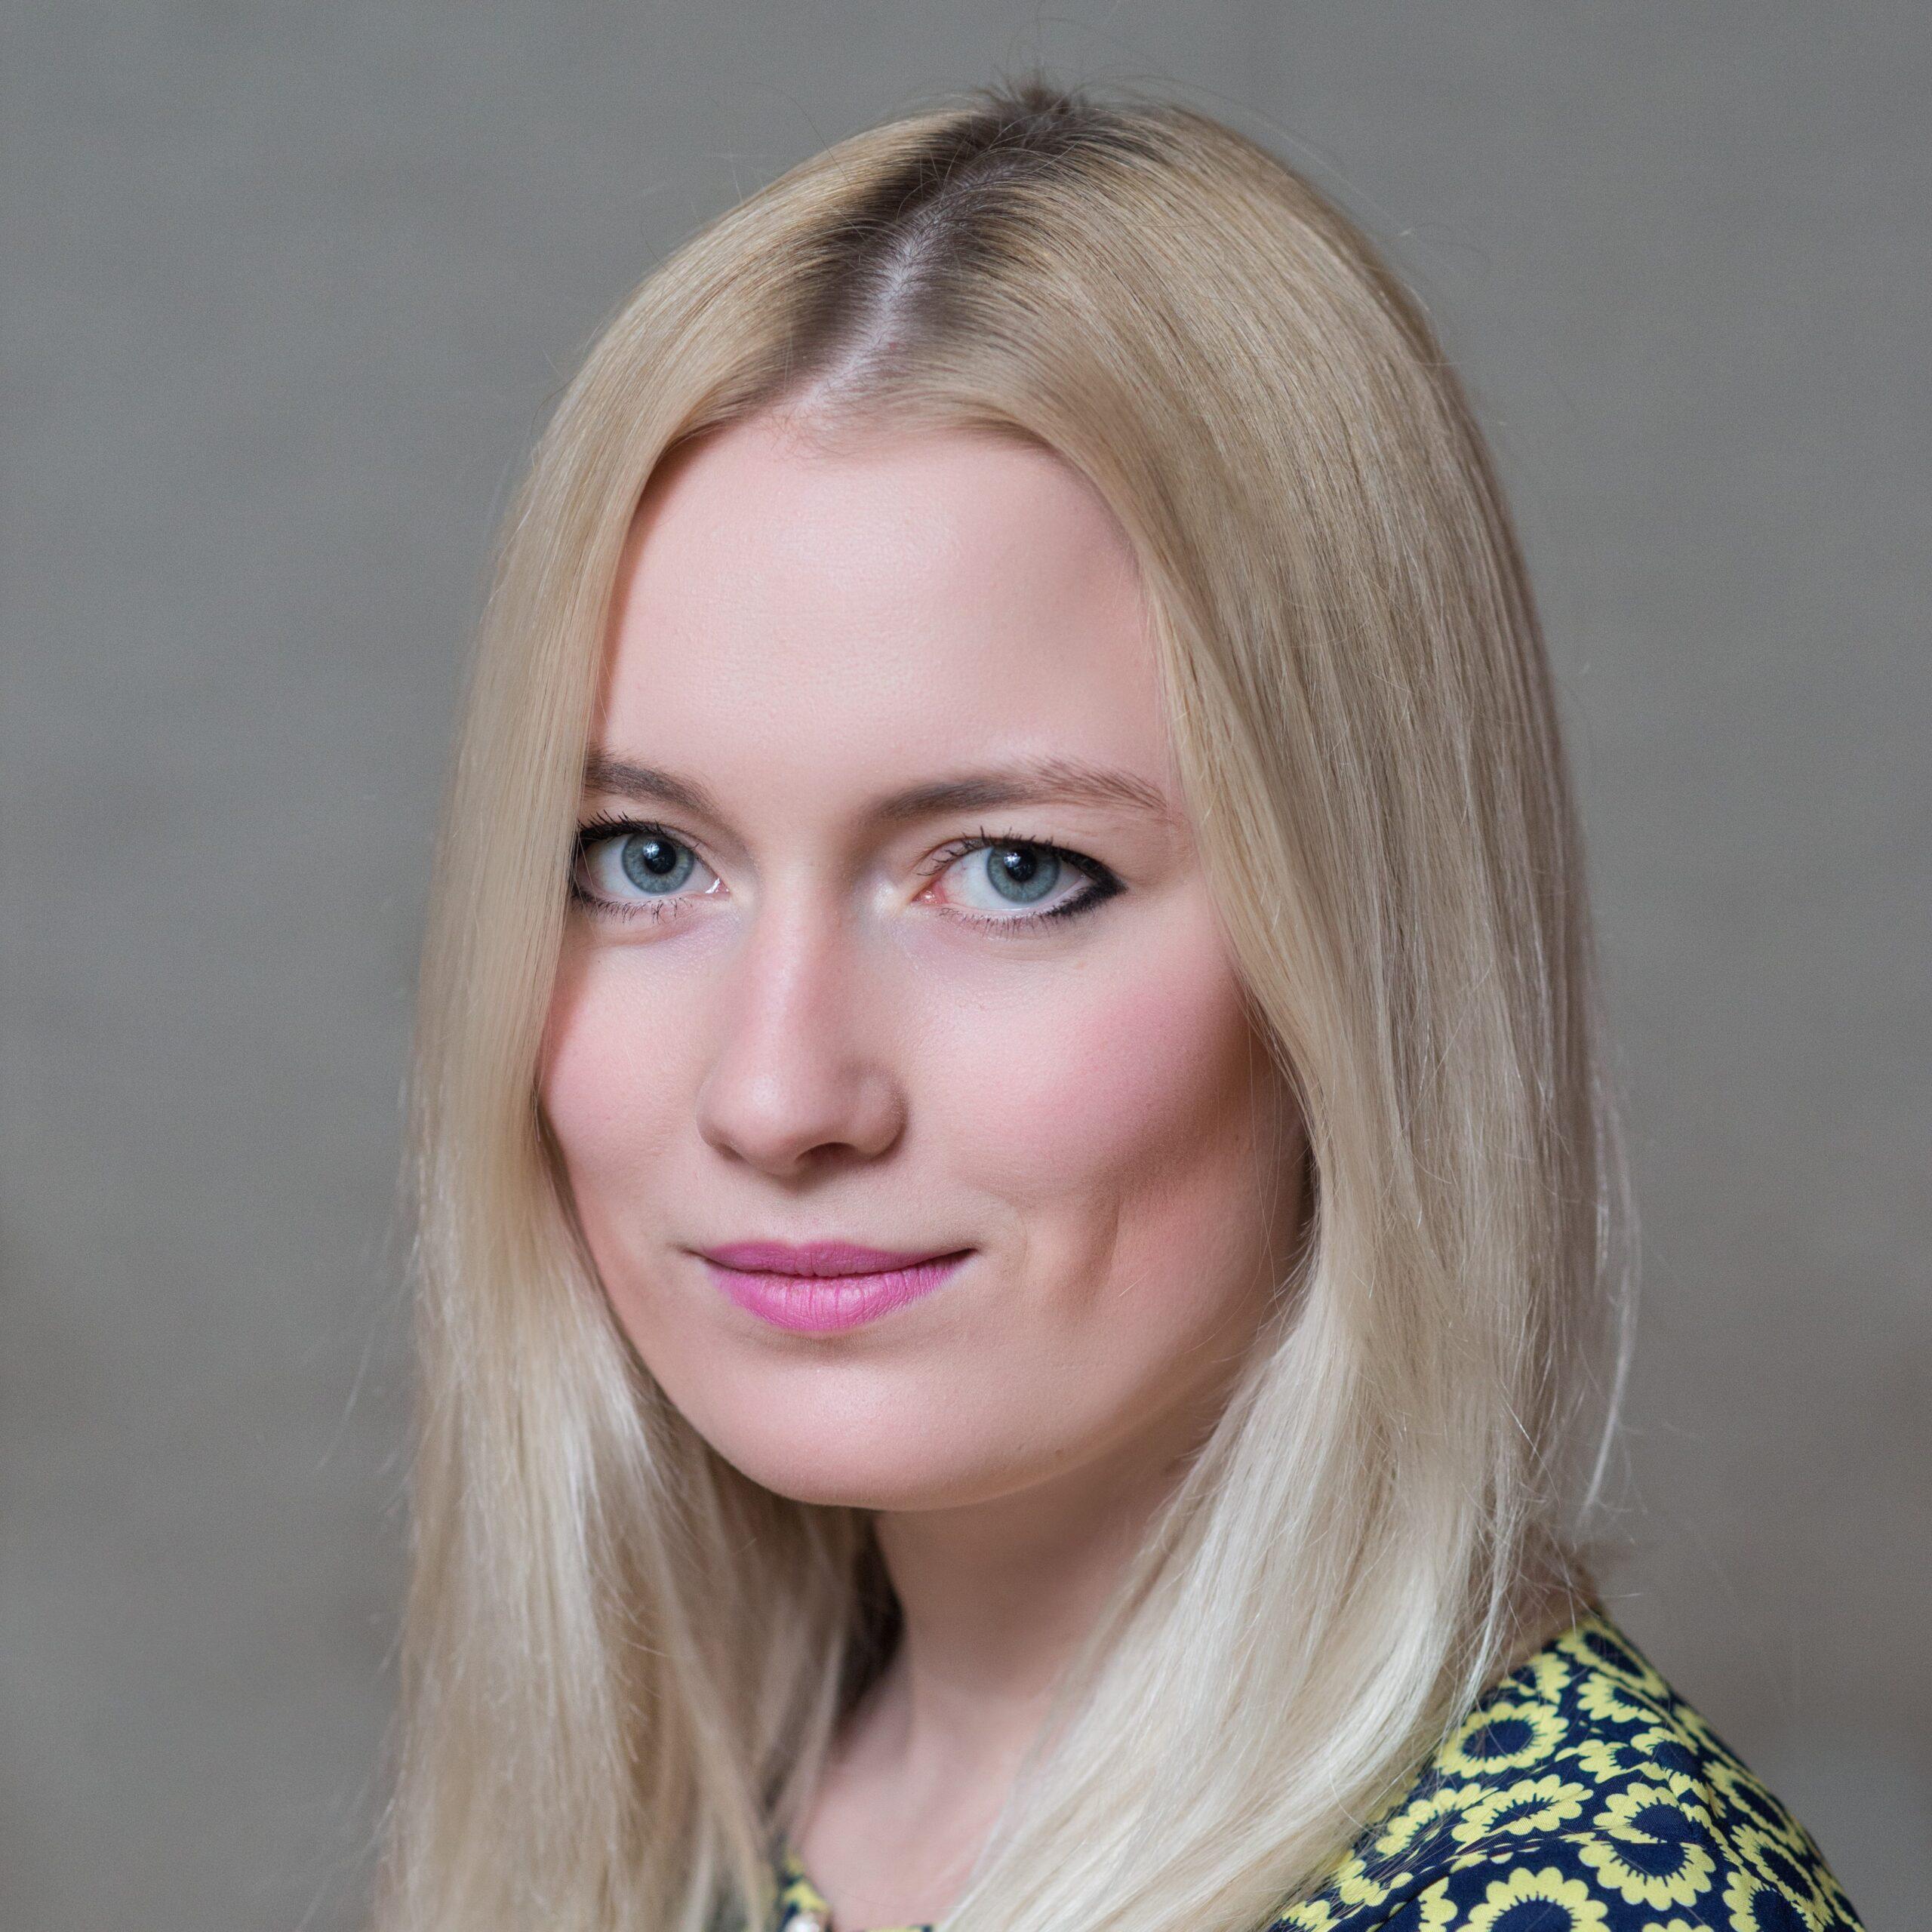 Татьяна Григорьевна Федорова